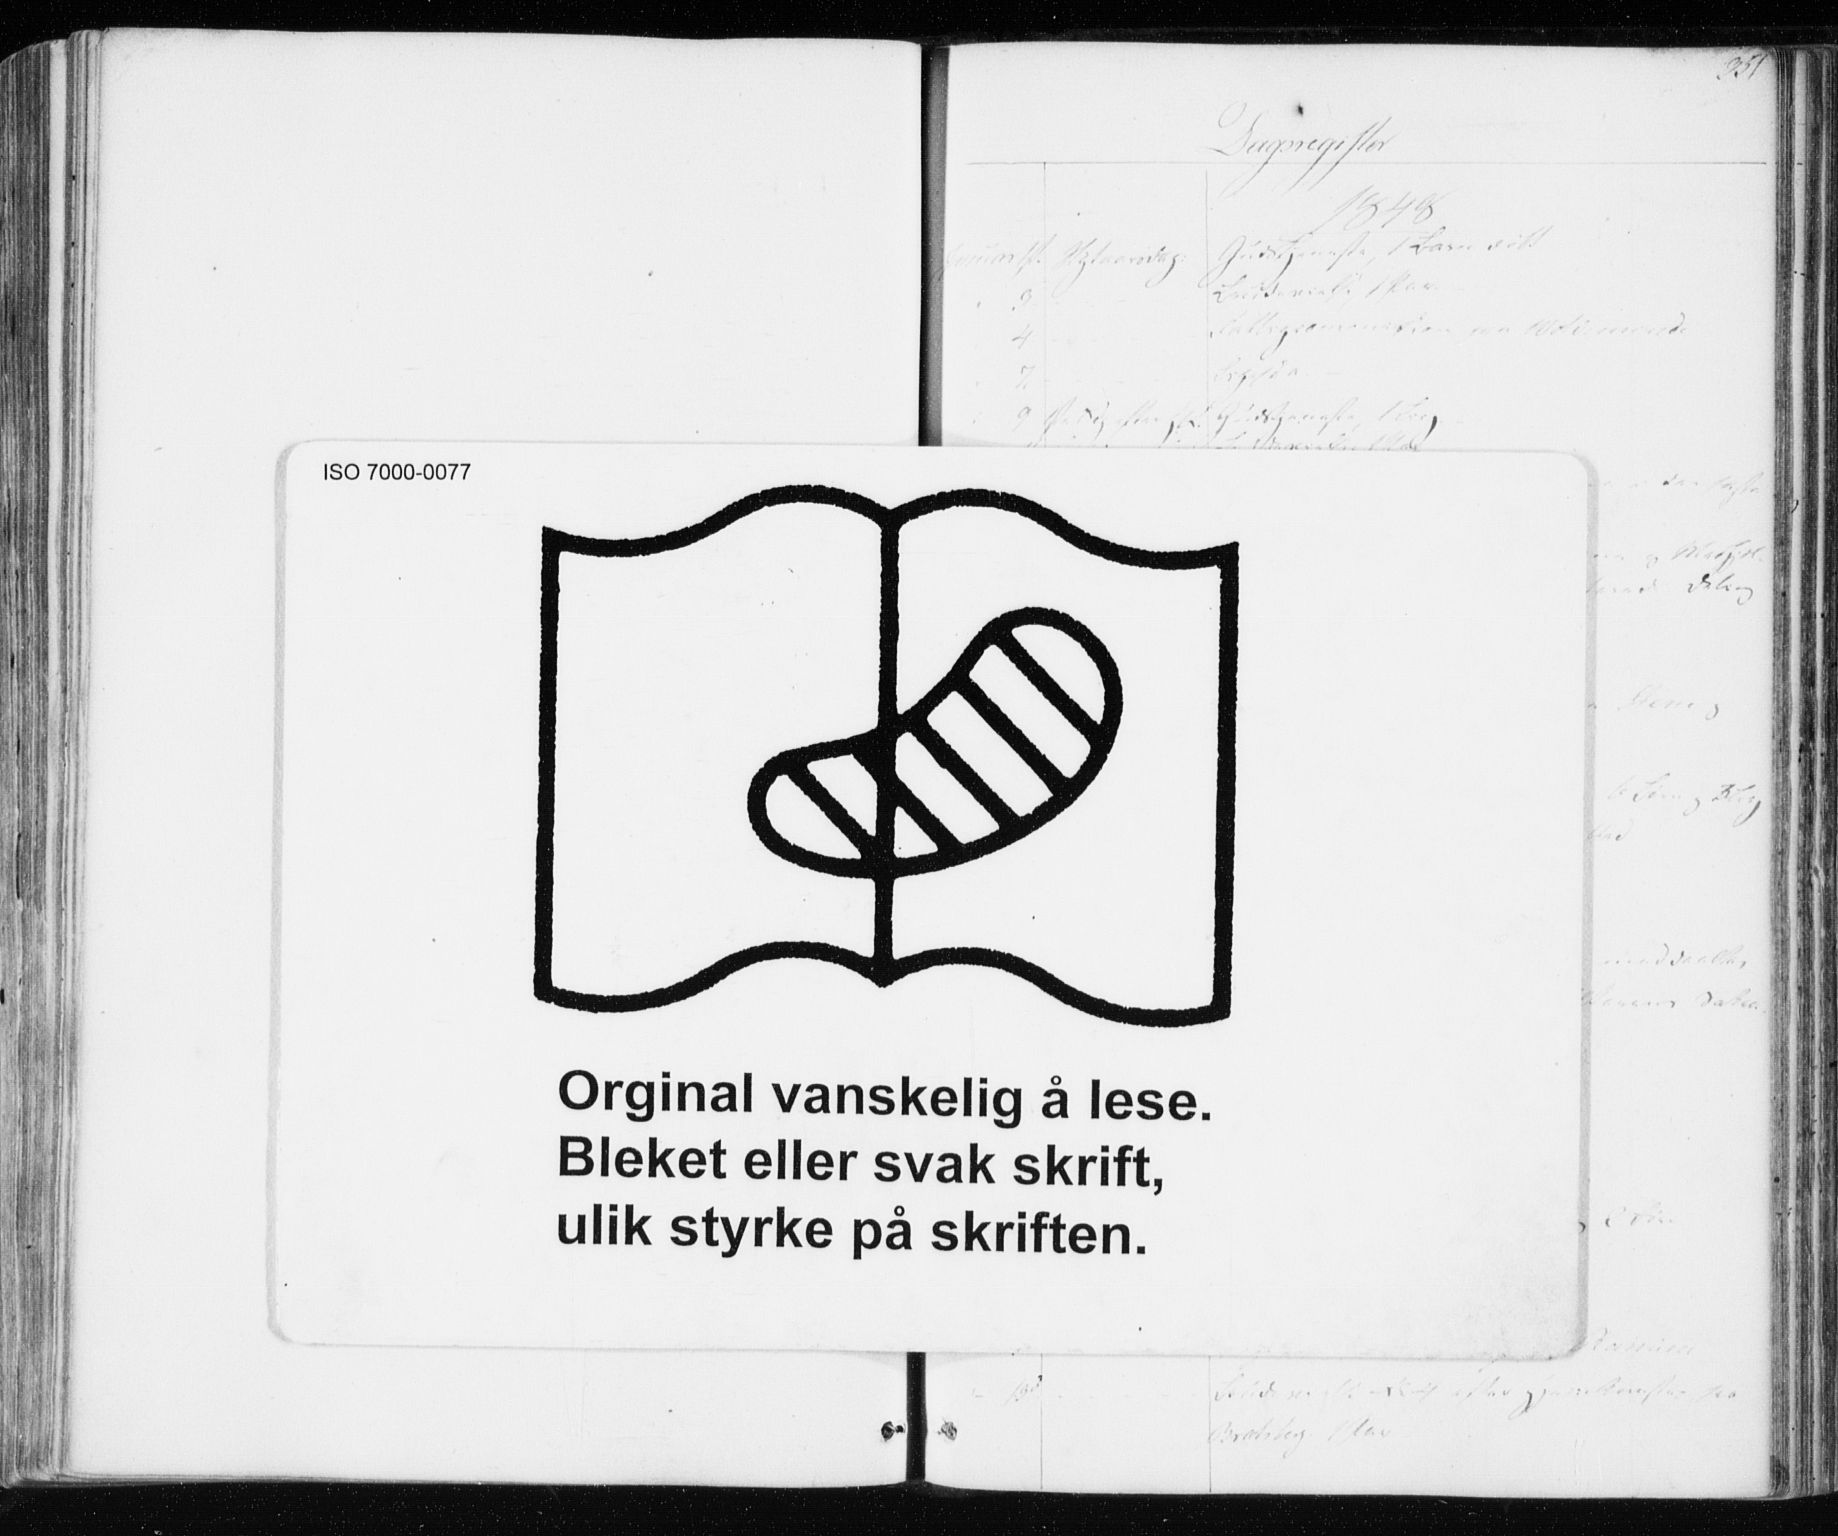 SAT, Ministerialprotokoller, klokkerbøker og fødselsregistre - Sør-Trøndelag, 606/L0291: Ministerialbok nr. 606A06, 1848-1856, s. 351